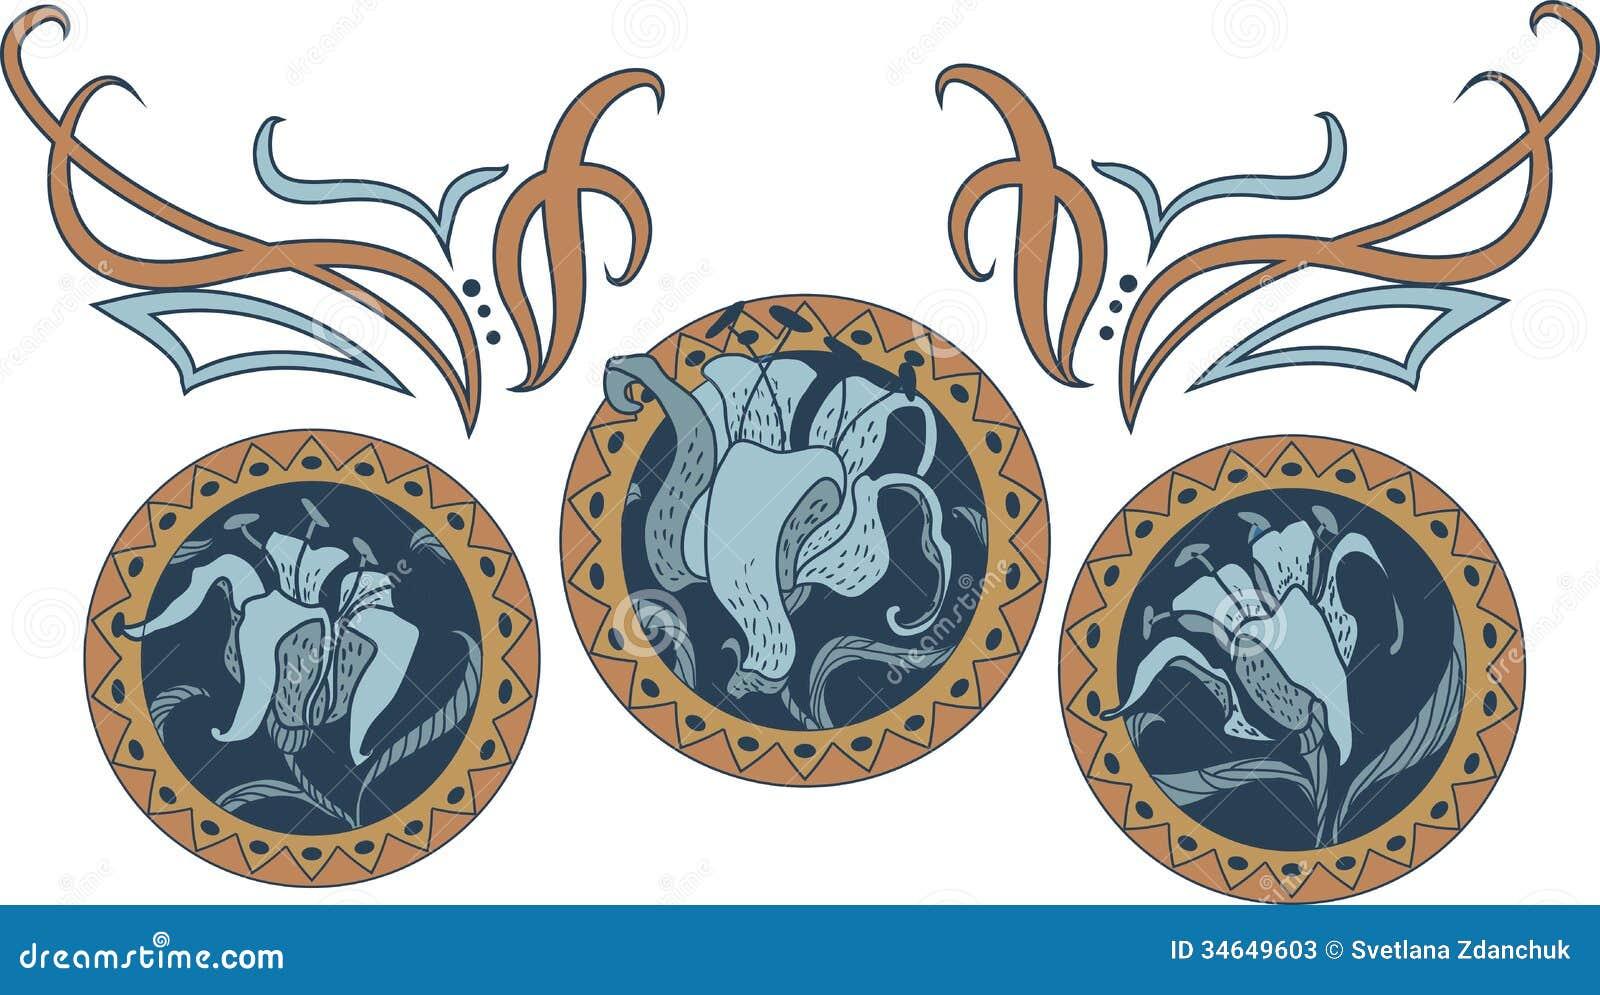 Art deco ornaments - Art Nouveau Style Ornament Stock Photos